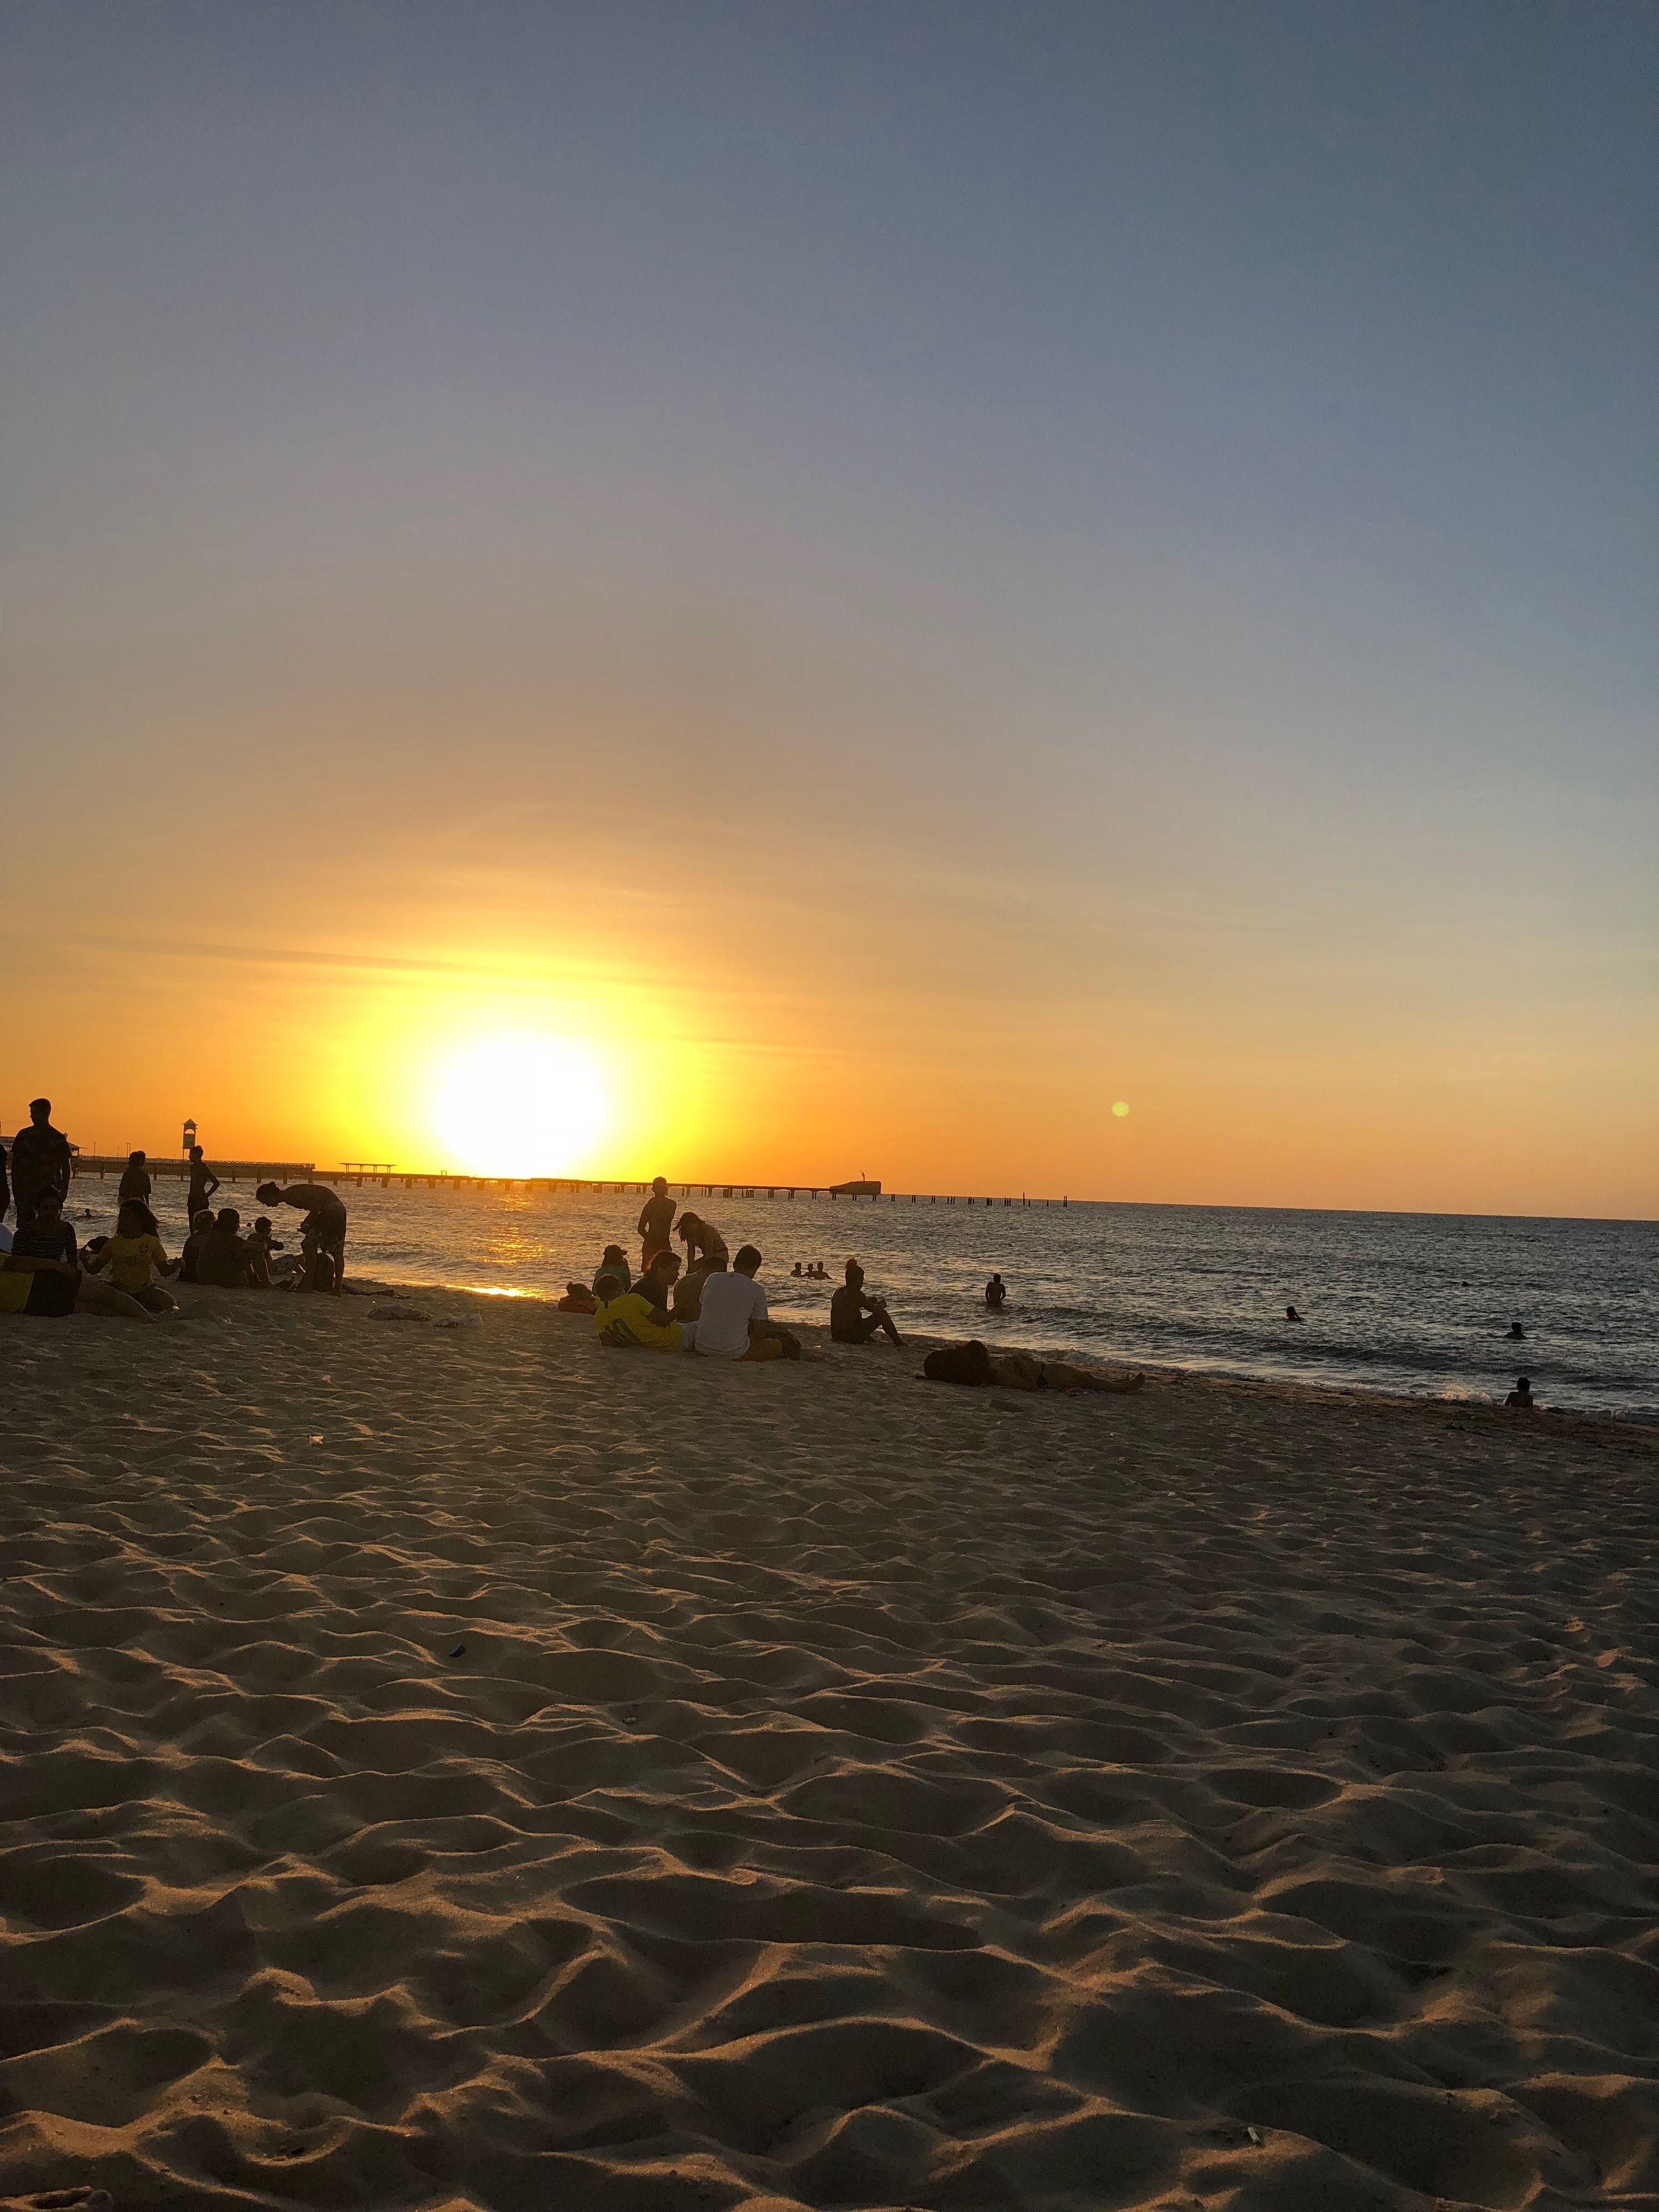 Praia dos Crush - Beira Mar, Ceará, Brasil (com imagens